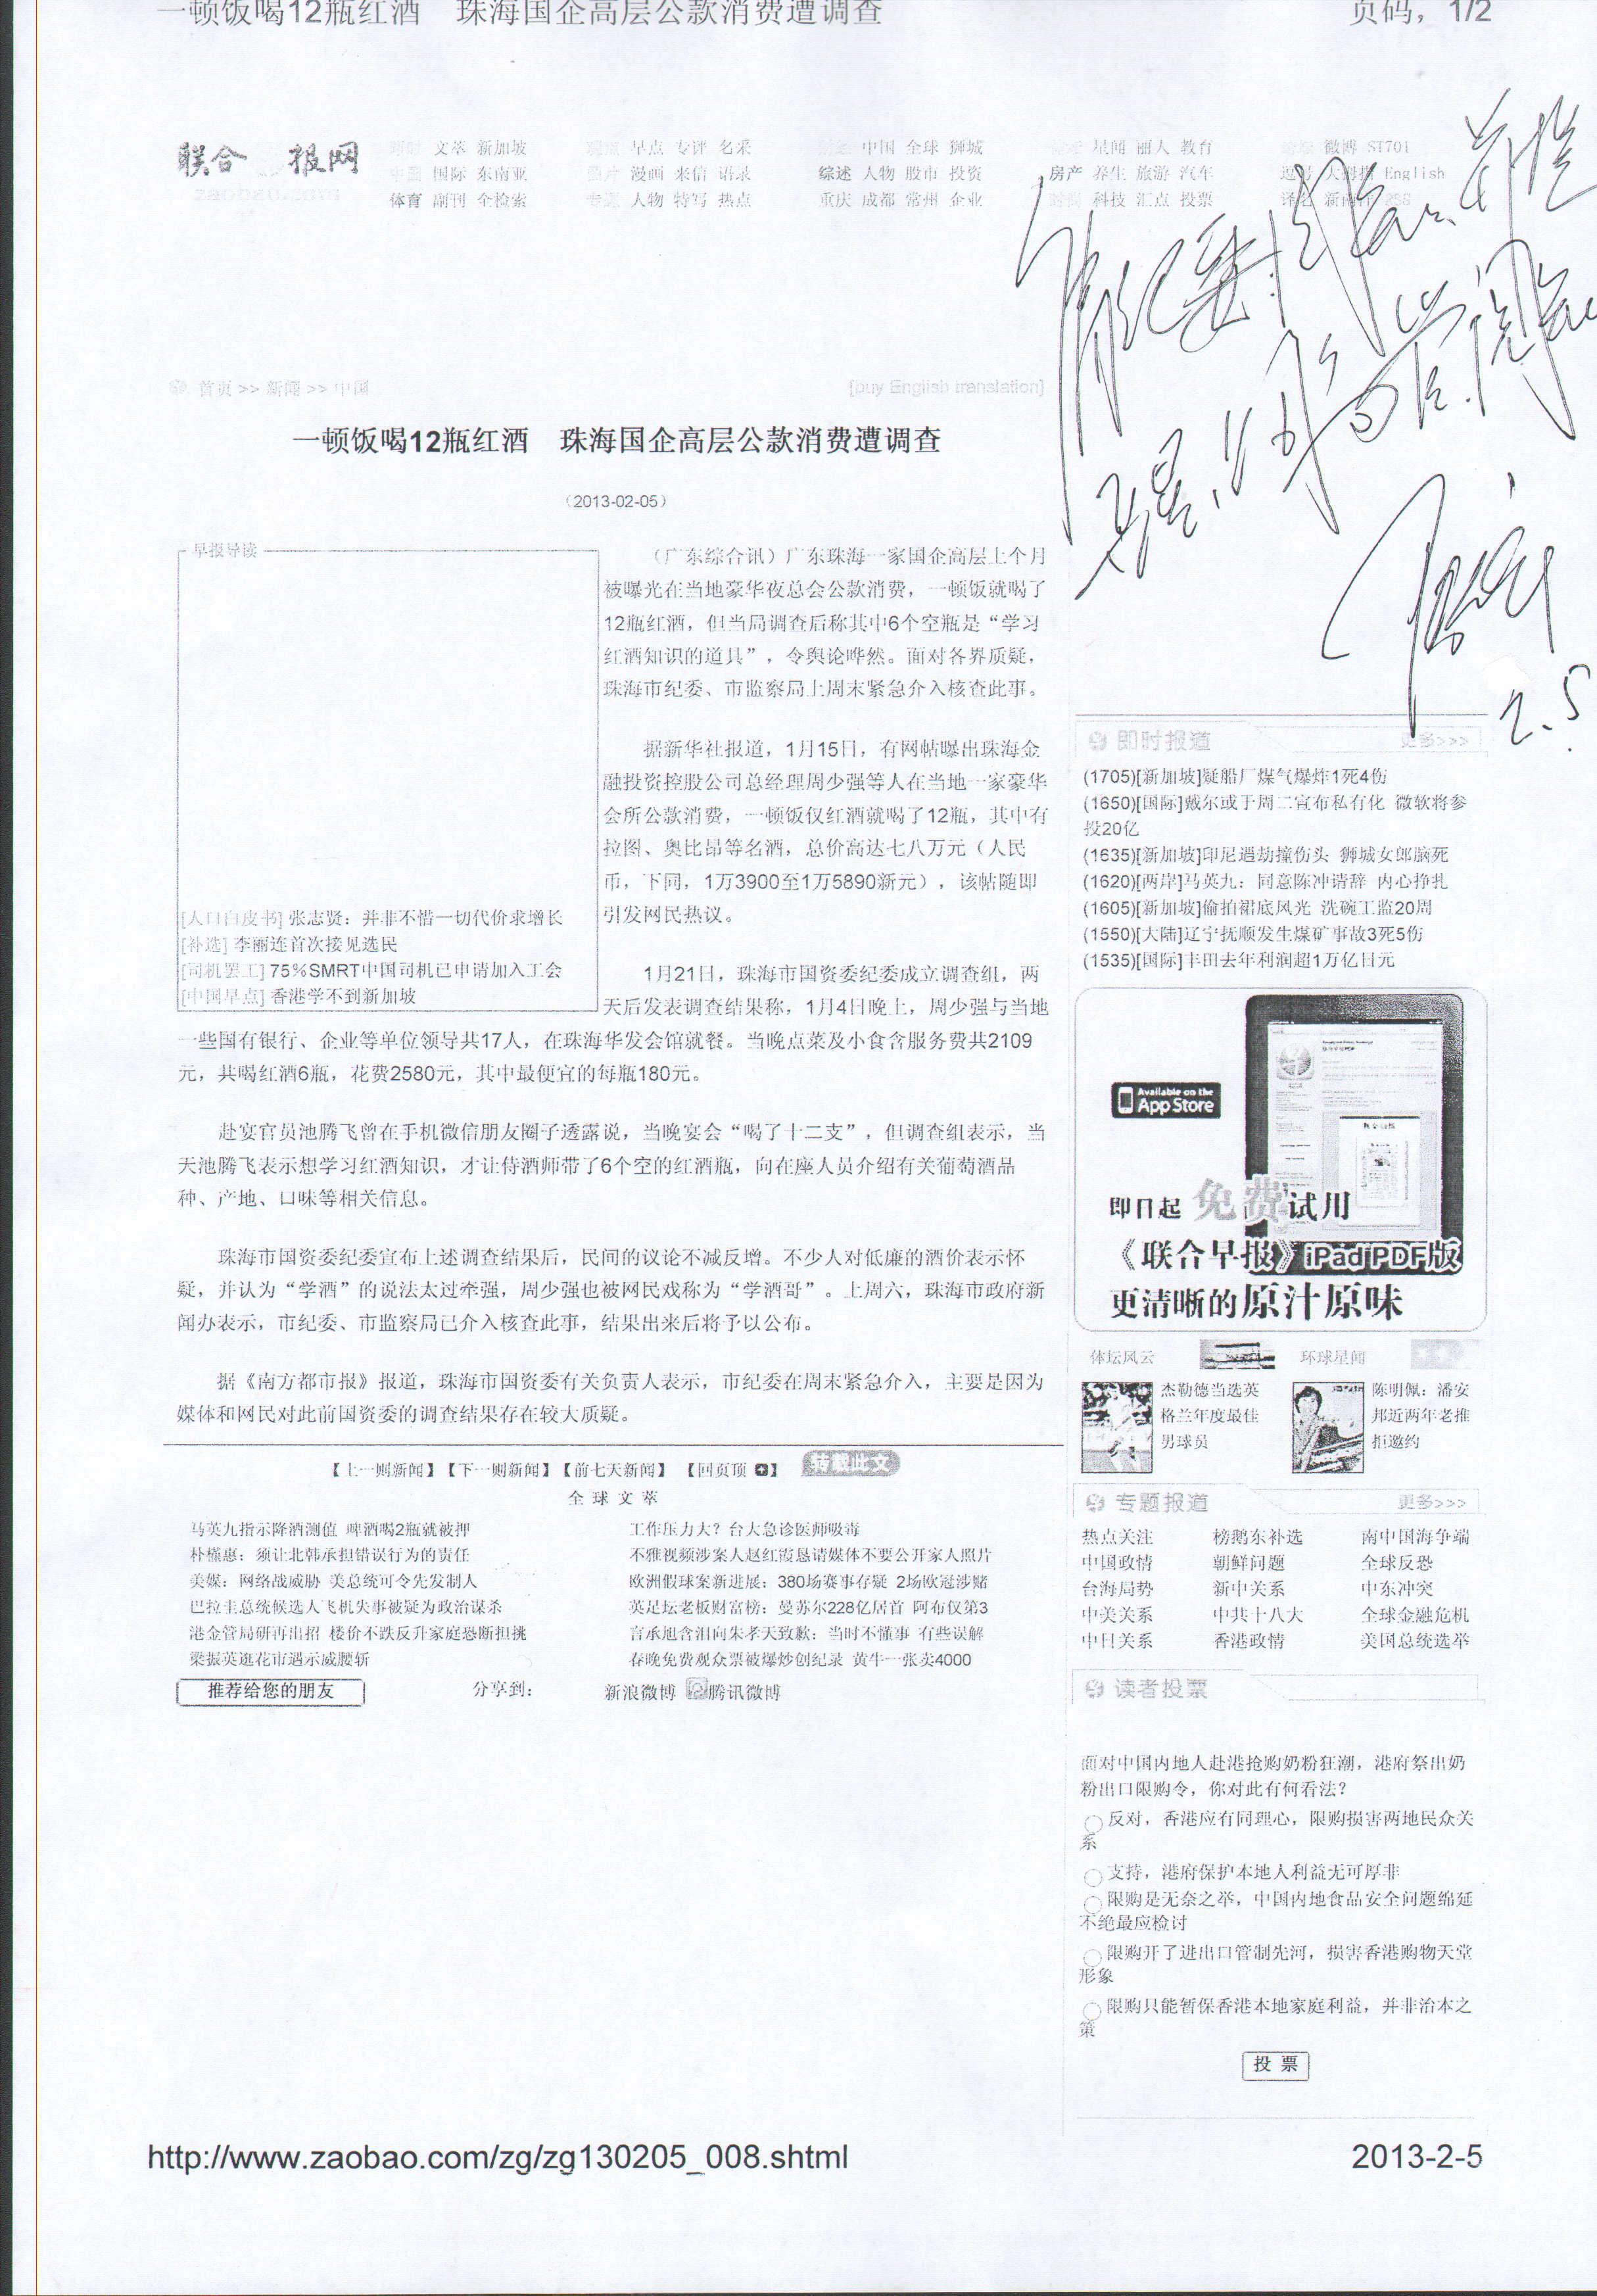 扬州建工控股有限公司